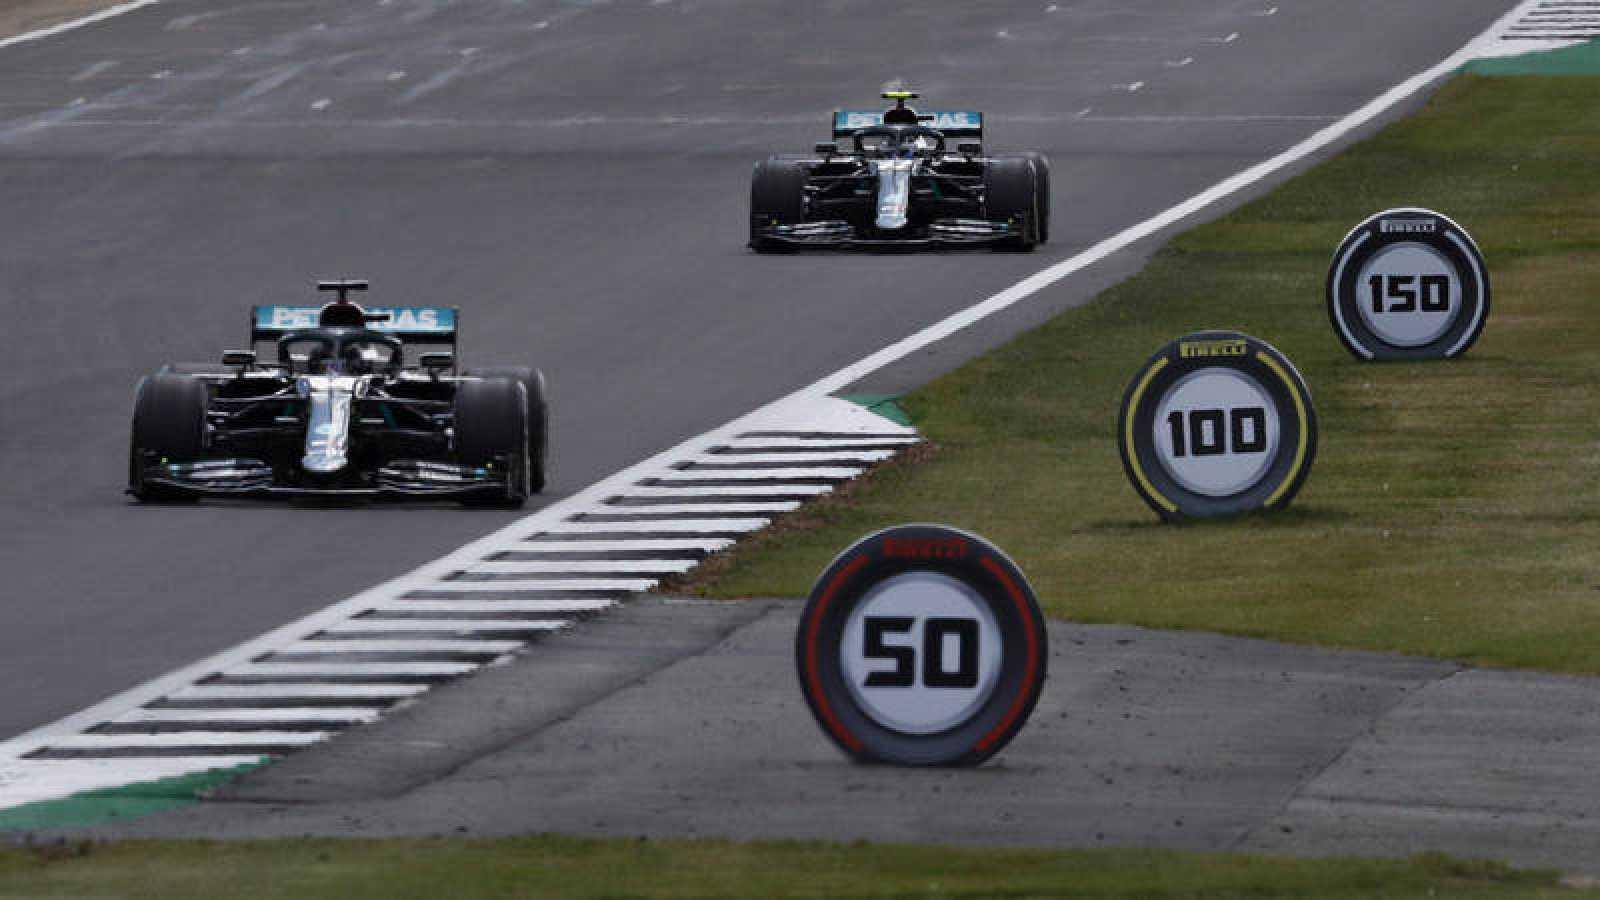 Hamilton y  Bottas durante la carrera disputada el pasado fin de semana en Silverstone, con neumáticos decorativos a un lado del circuito